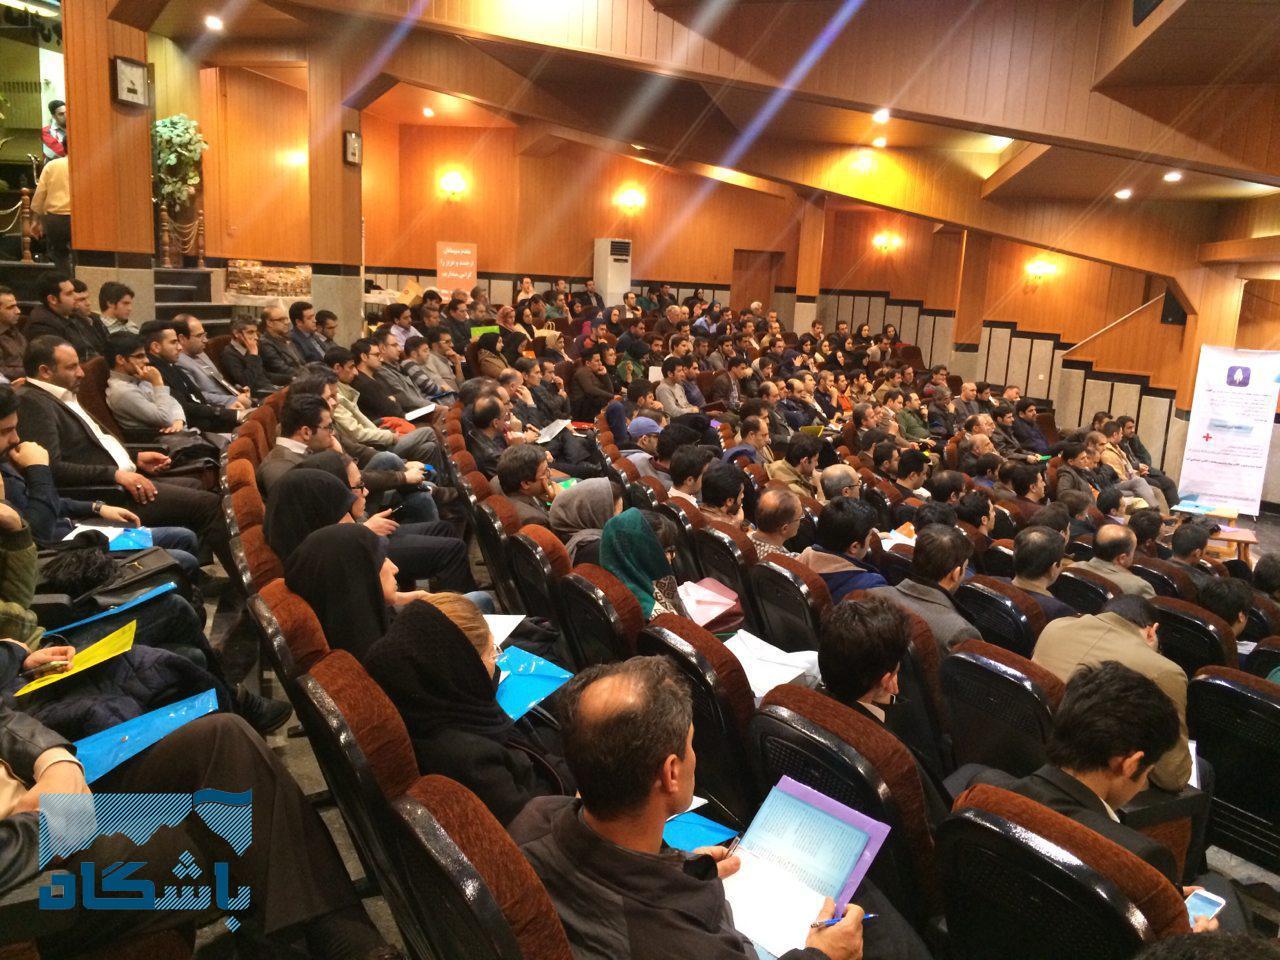 همایش بورسی در زنجان, بورس اوراق بهادار, کارگزاری آگاه, بآشگاه مشتریان آگاه, سرمایه گذاری در بورس